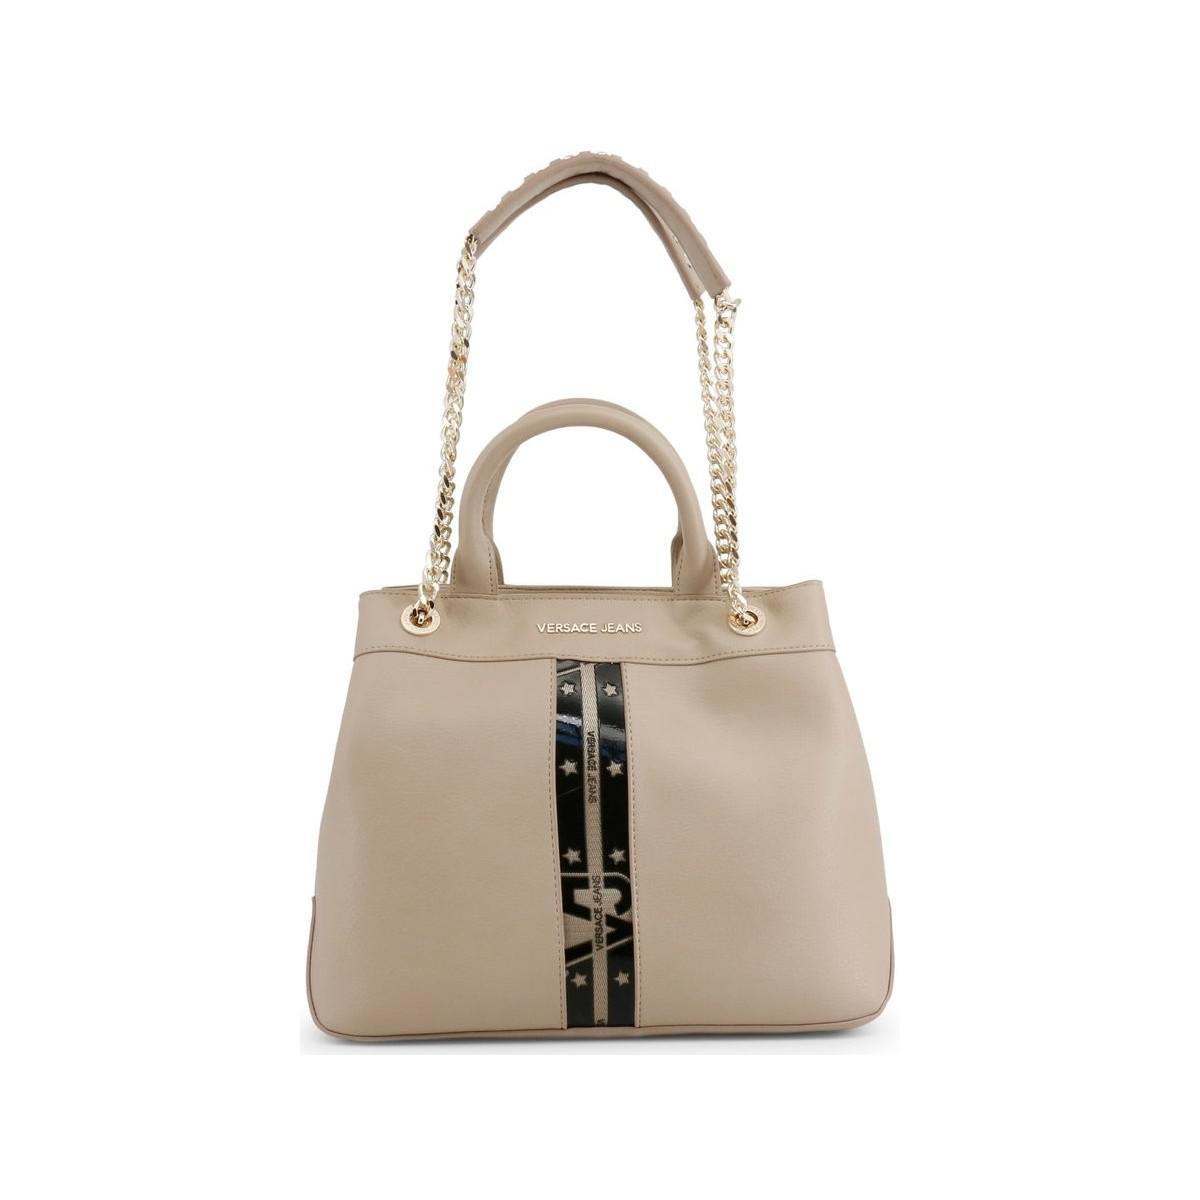 Versace Jeans - White - e1vrbbn1 70048 femmes Sac à main en blanc for Men -  Lyst. Afficher en plein écran 4e8fbcbaca1